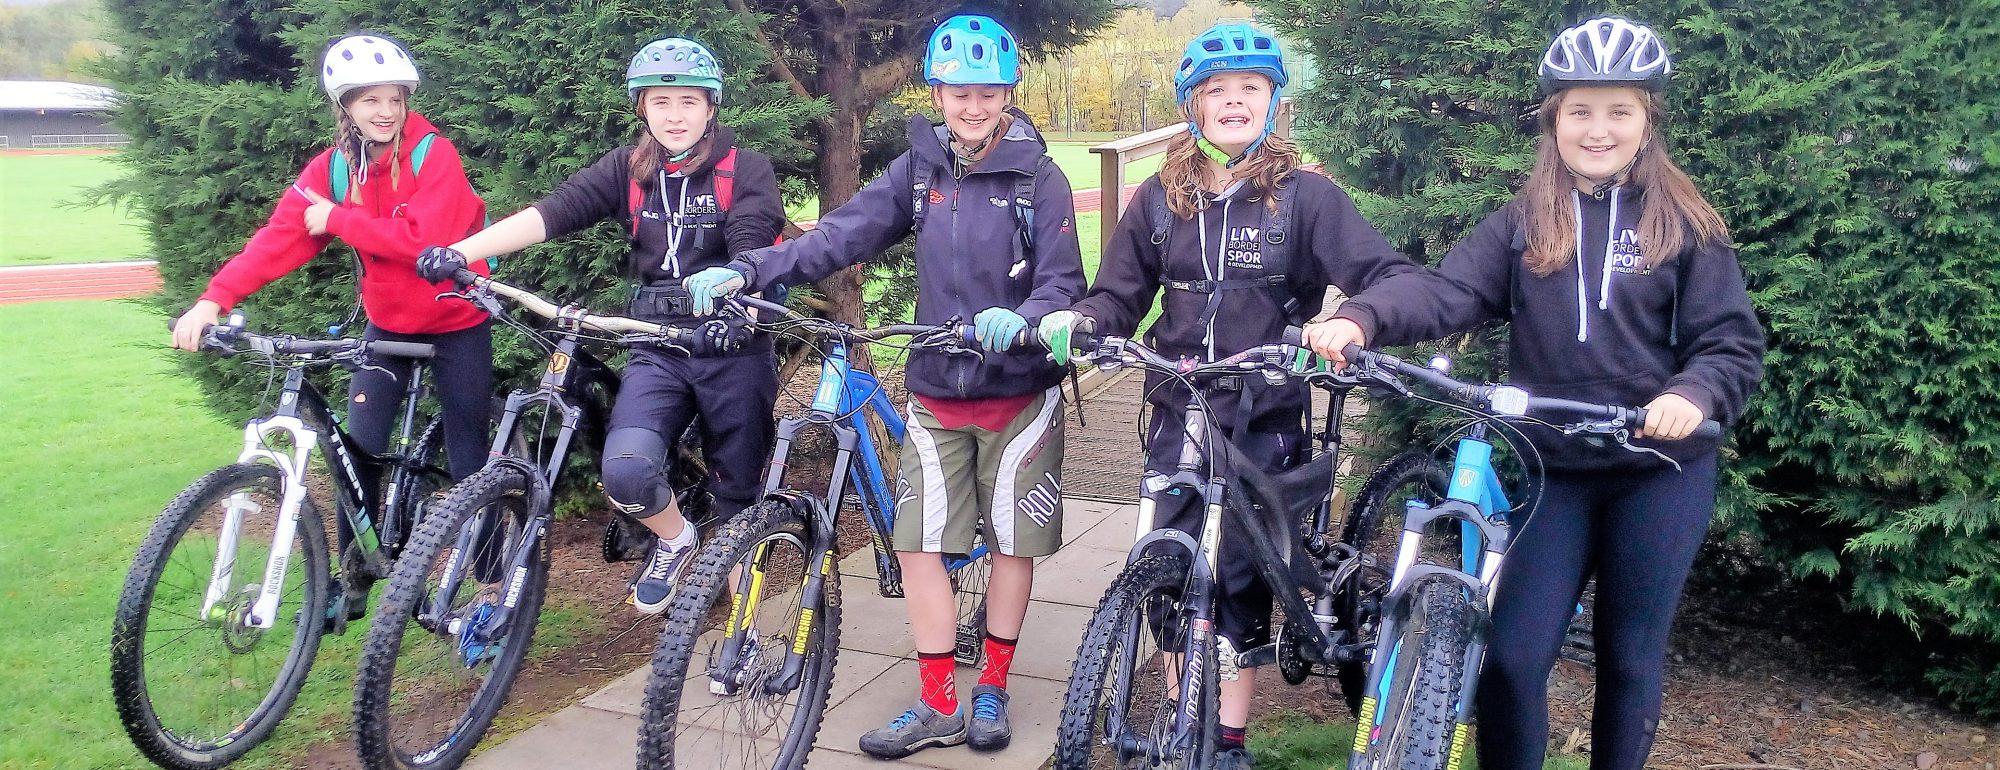 0319-cycling-development-squad